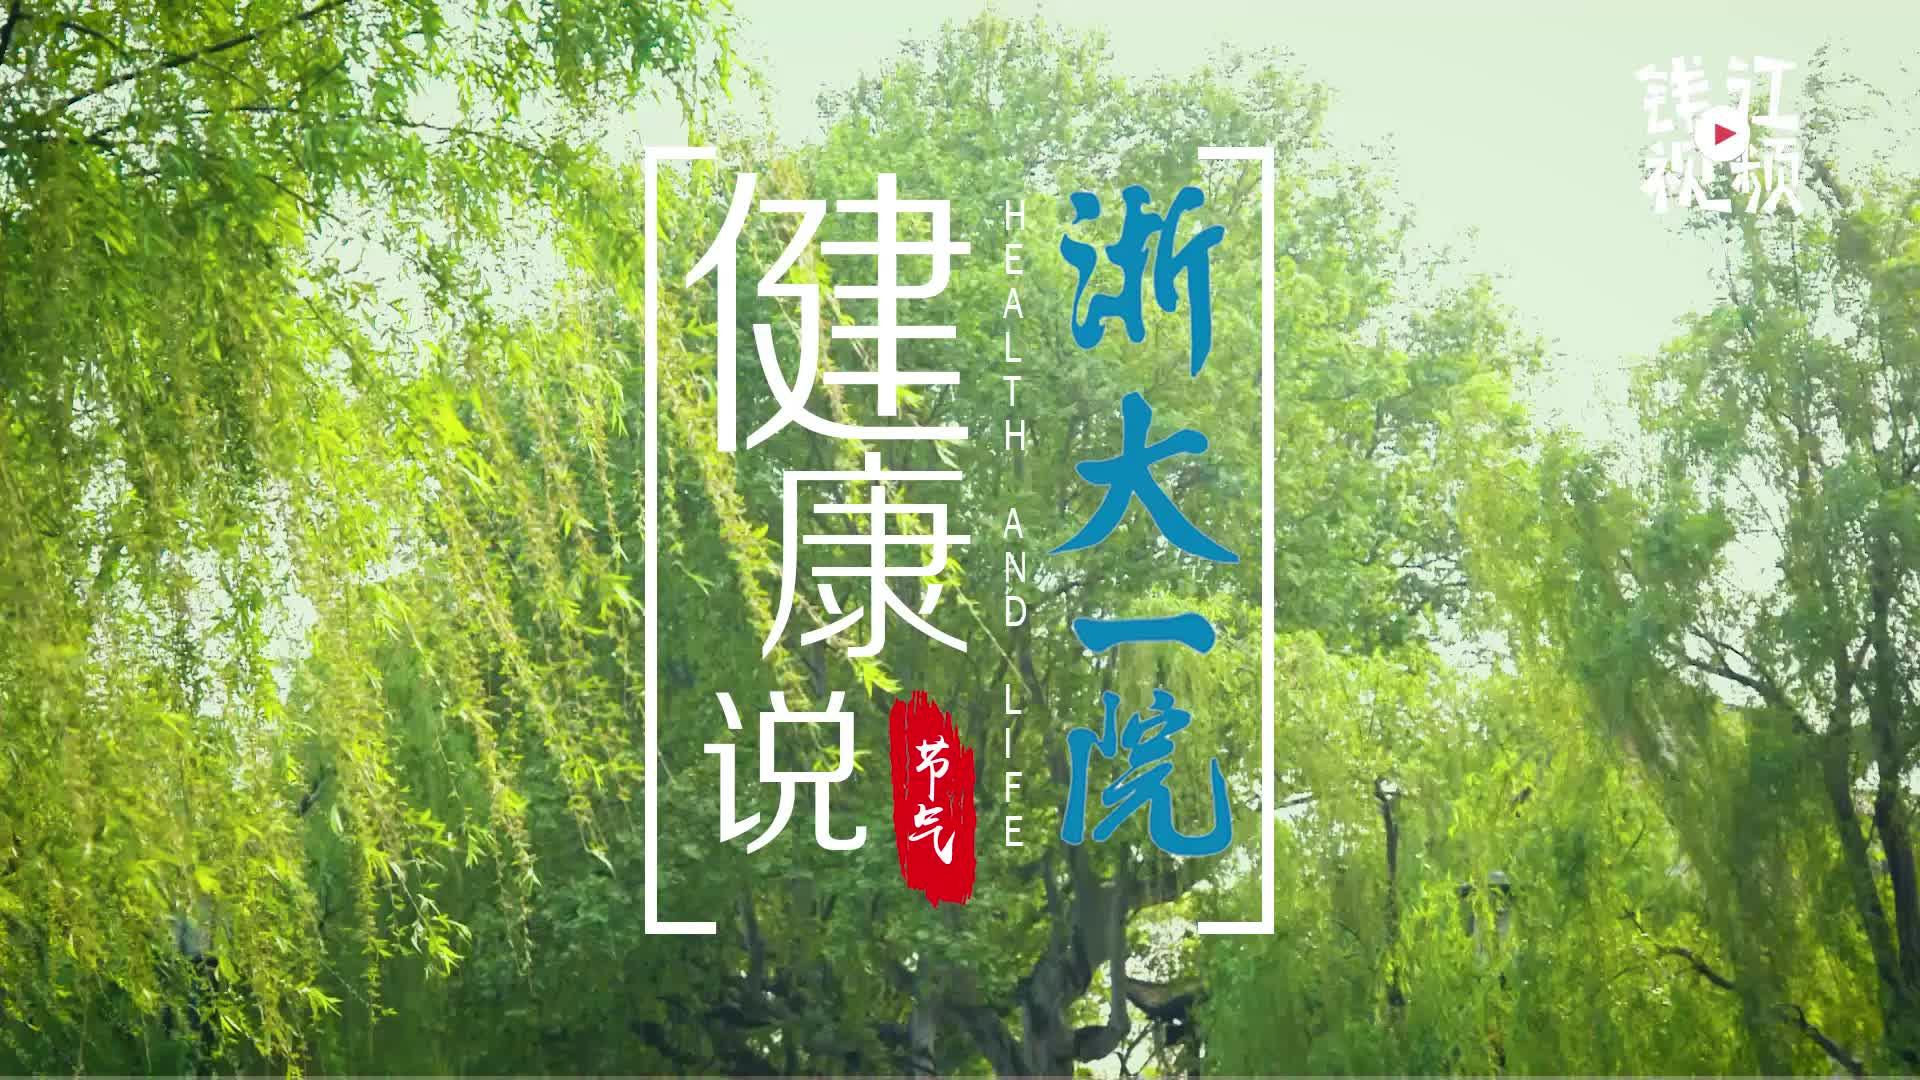 【节气健康说·谷雨】谷雨时节为啥呼吸道问题特别多?